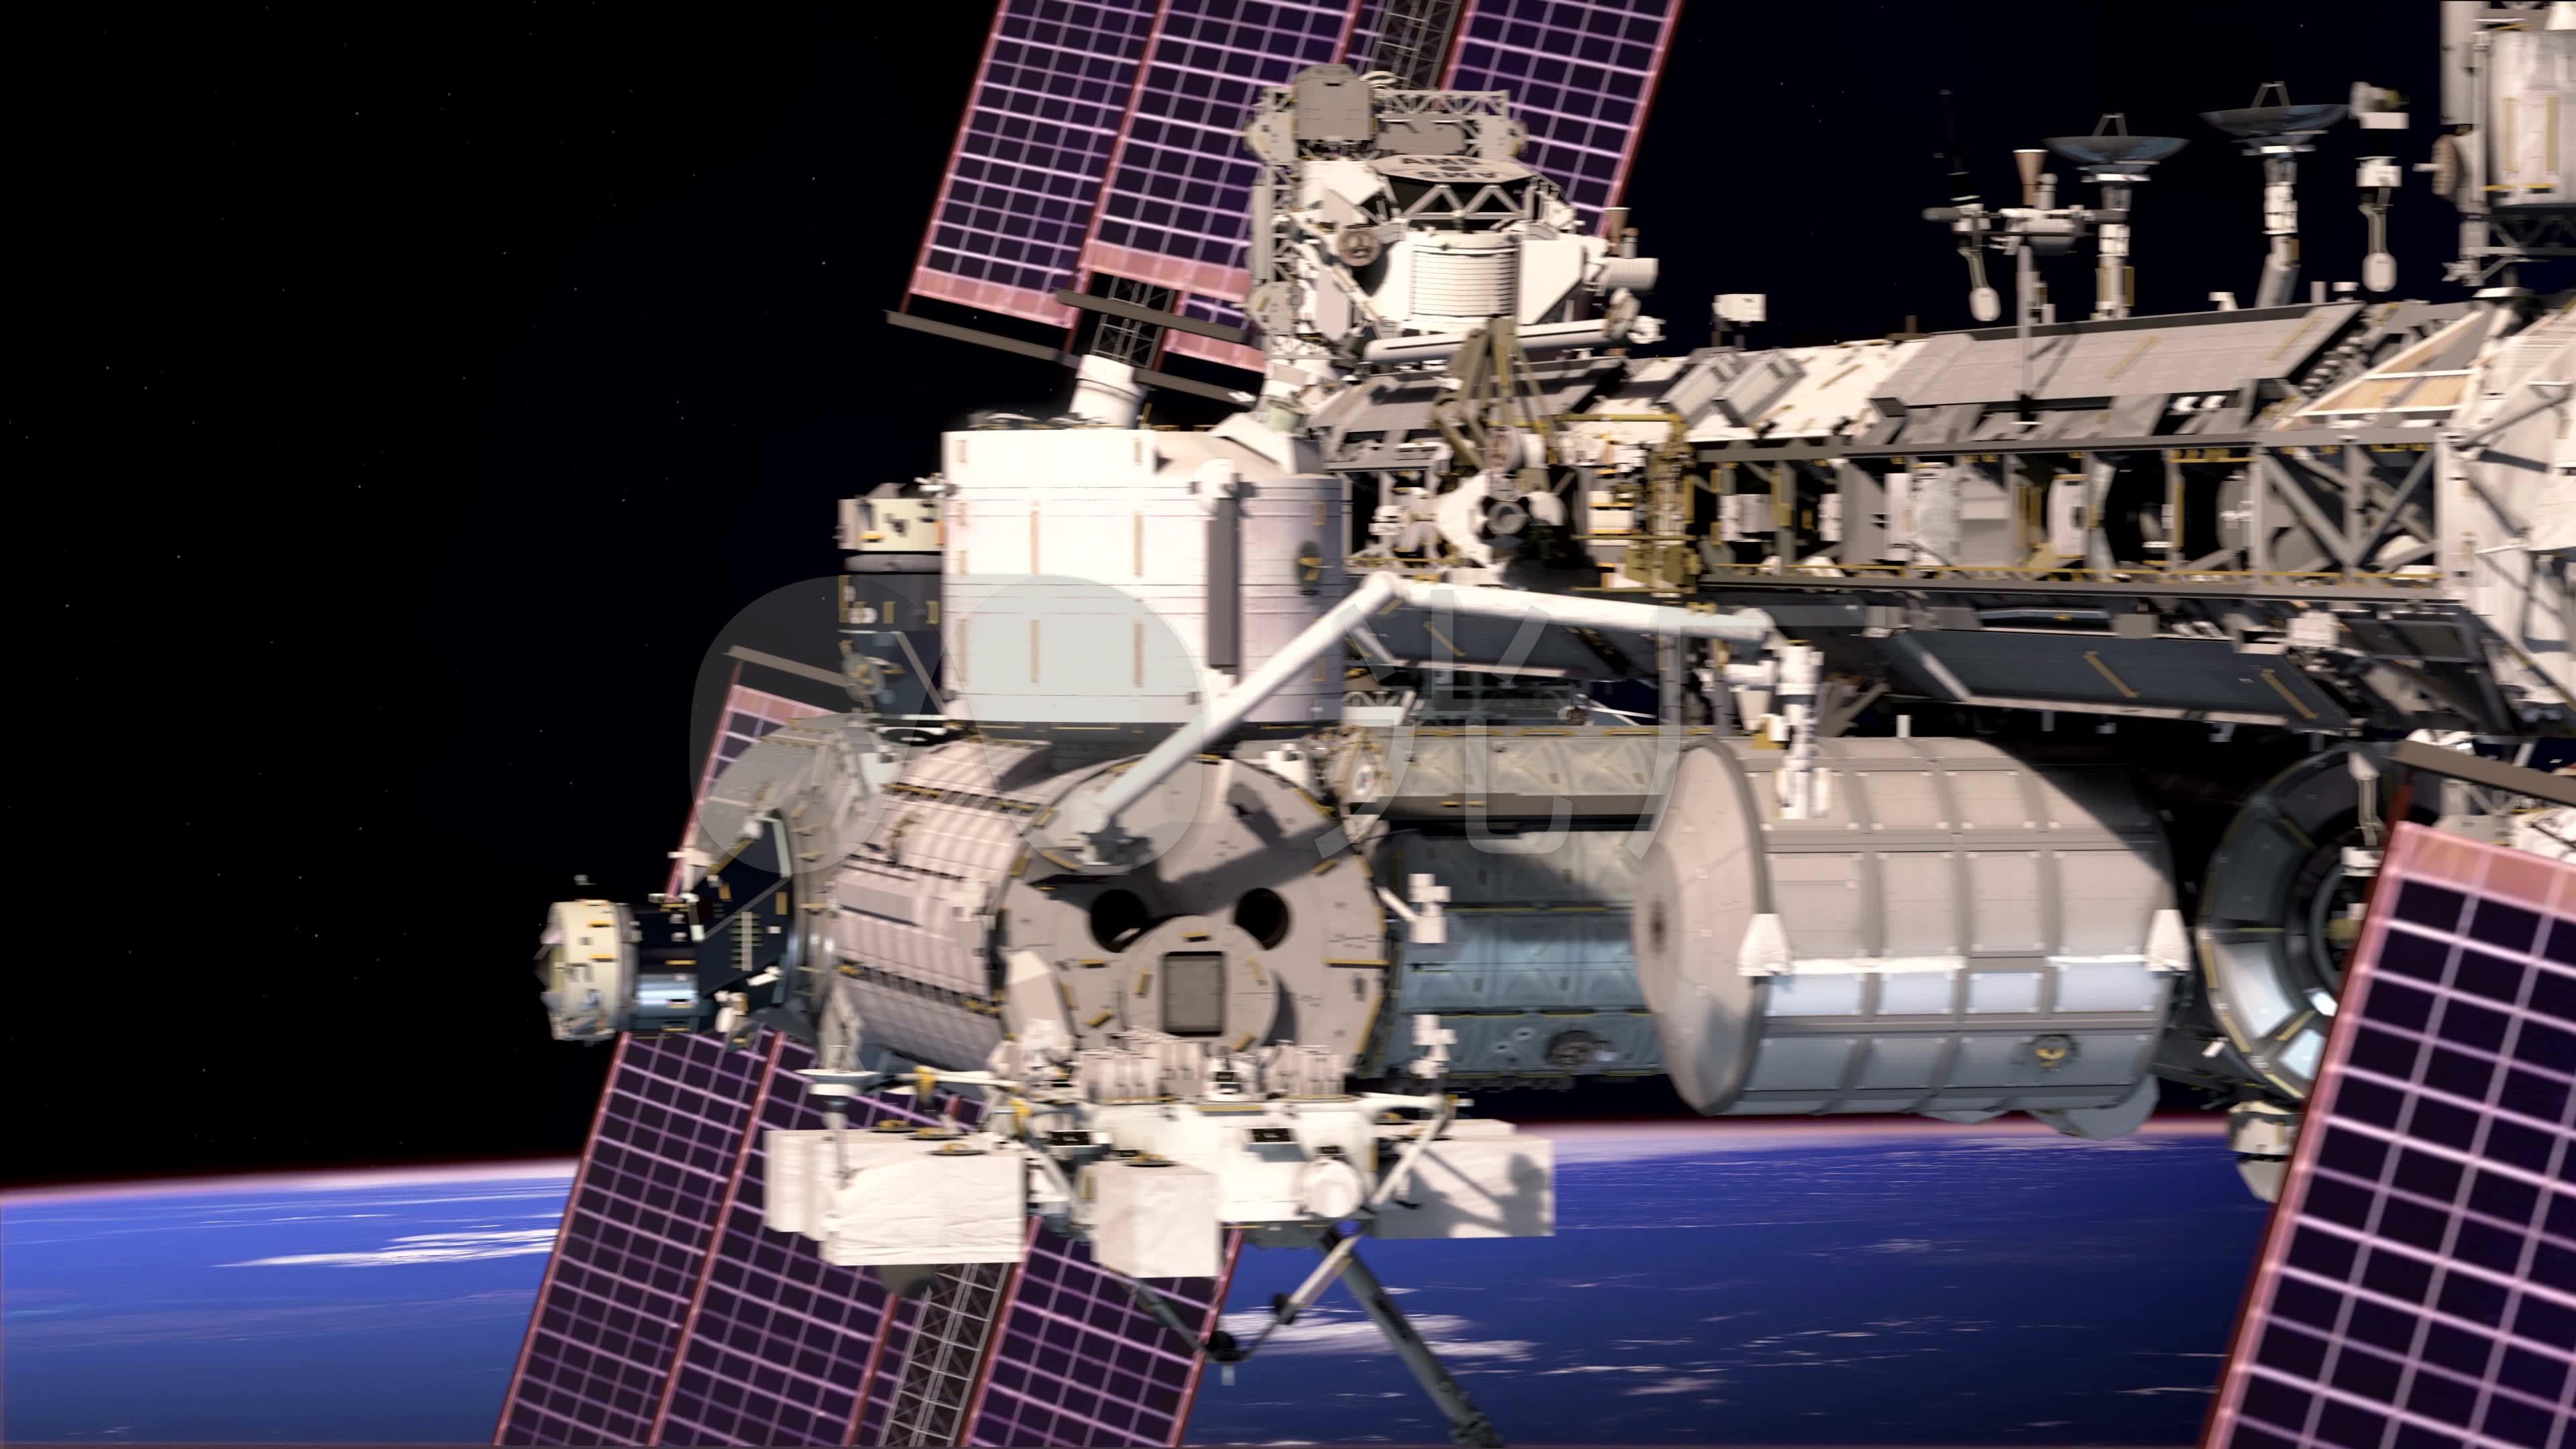 宇宙飞船空间站航天飞机宇航员_3840x2160_高清视频